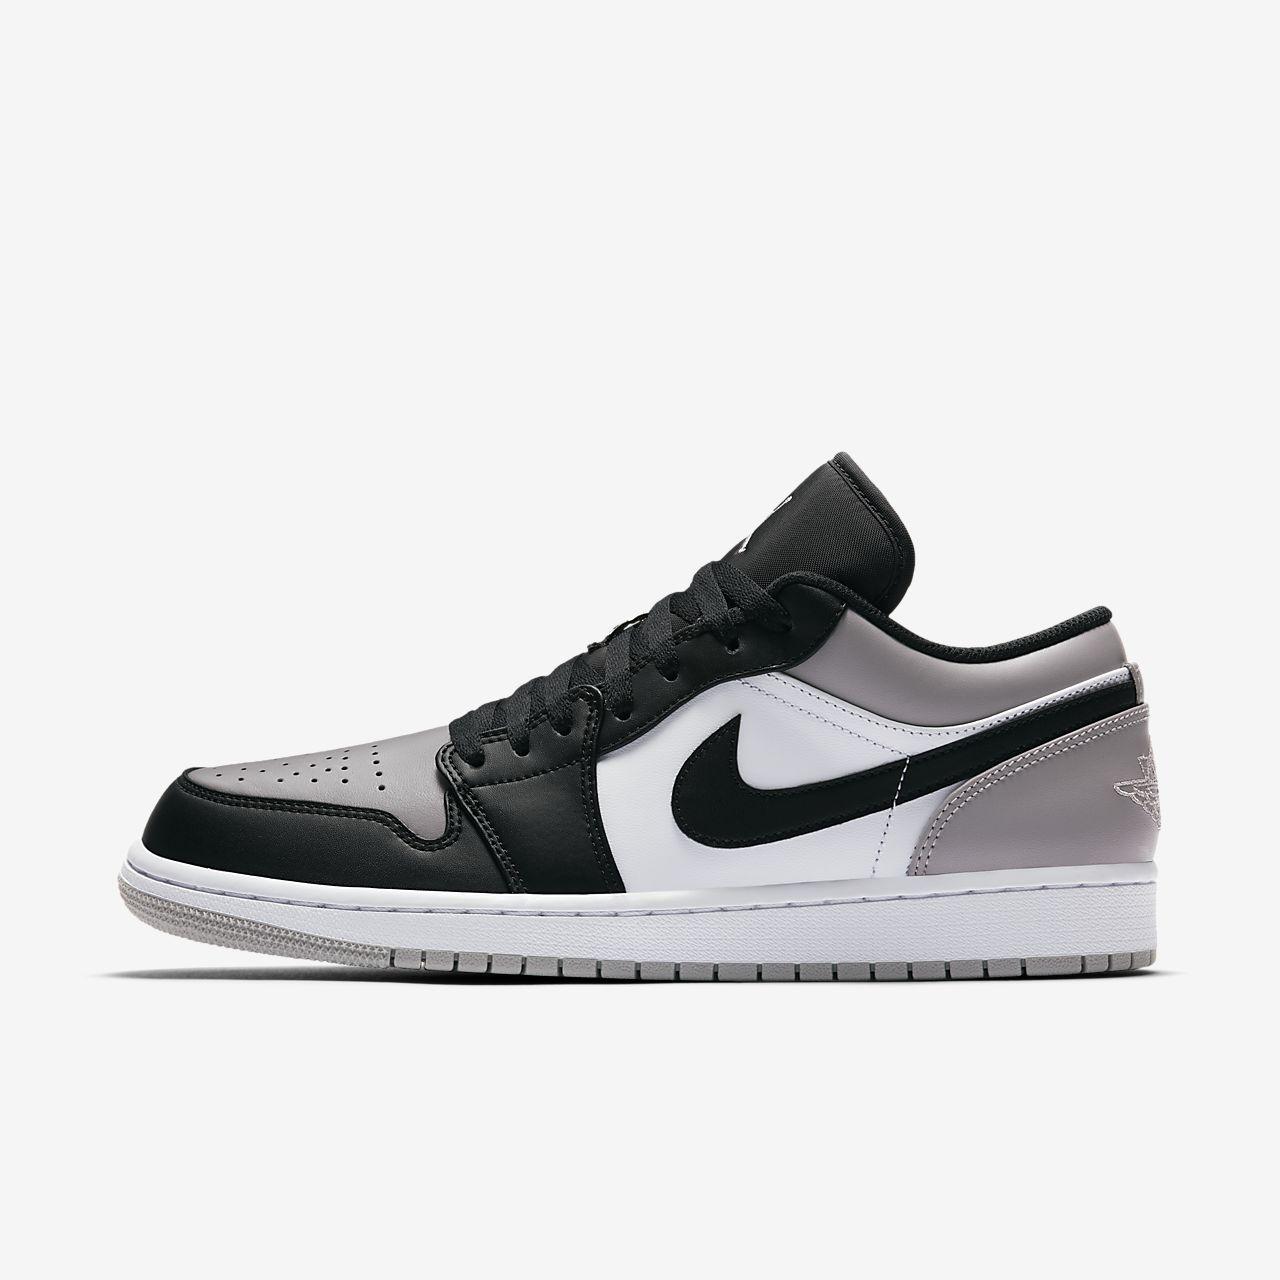 timeless design 0a519 d1585 Nike Air Jordan 1 I Low Blau Schwarz - associate-degree.de